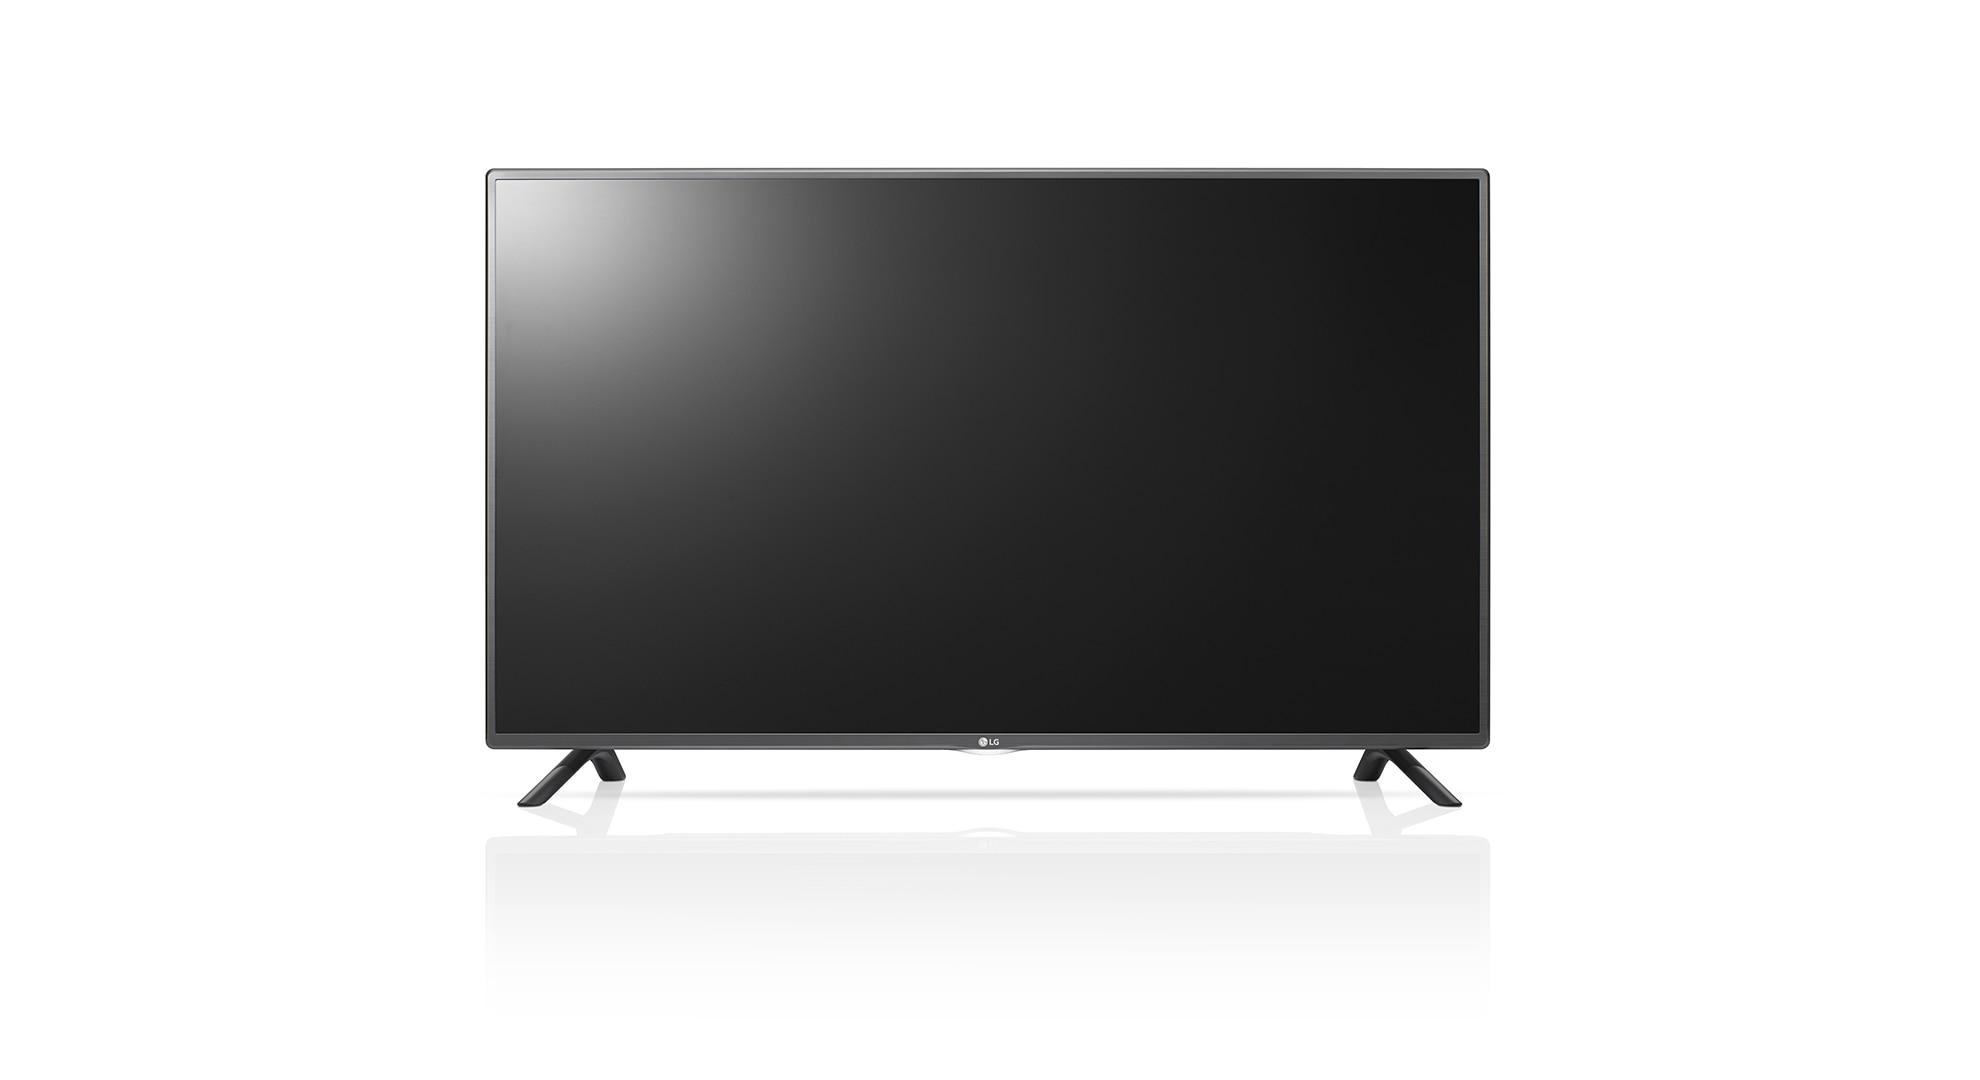 lg ips液晶テレビ 32lf5800 | 32型スマートテレビ|lgエレクトロニクス